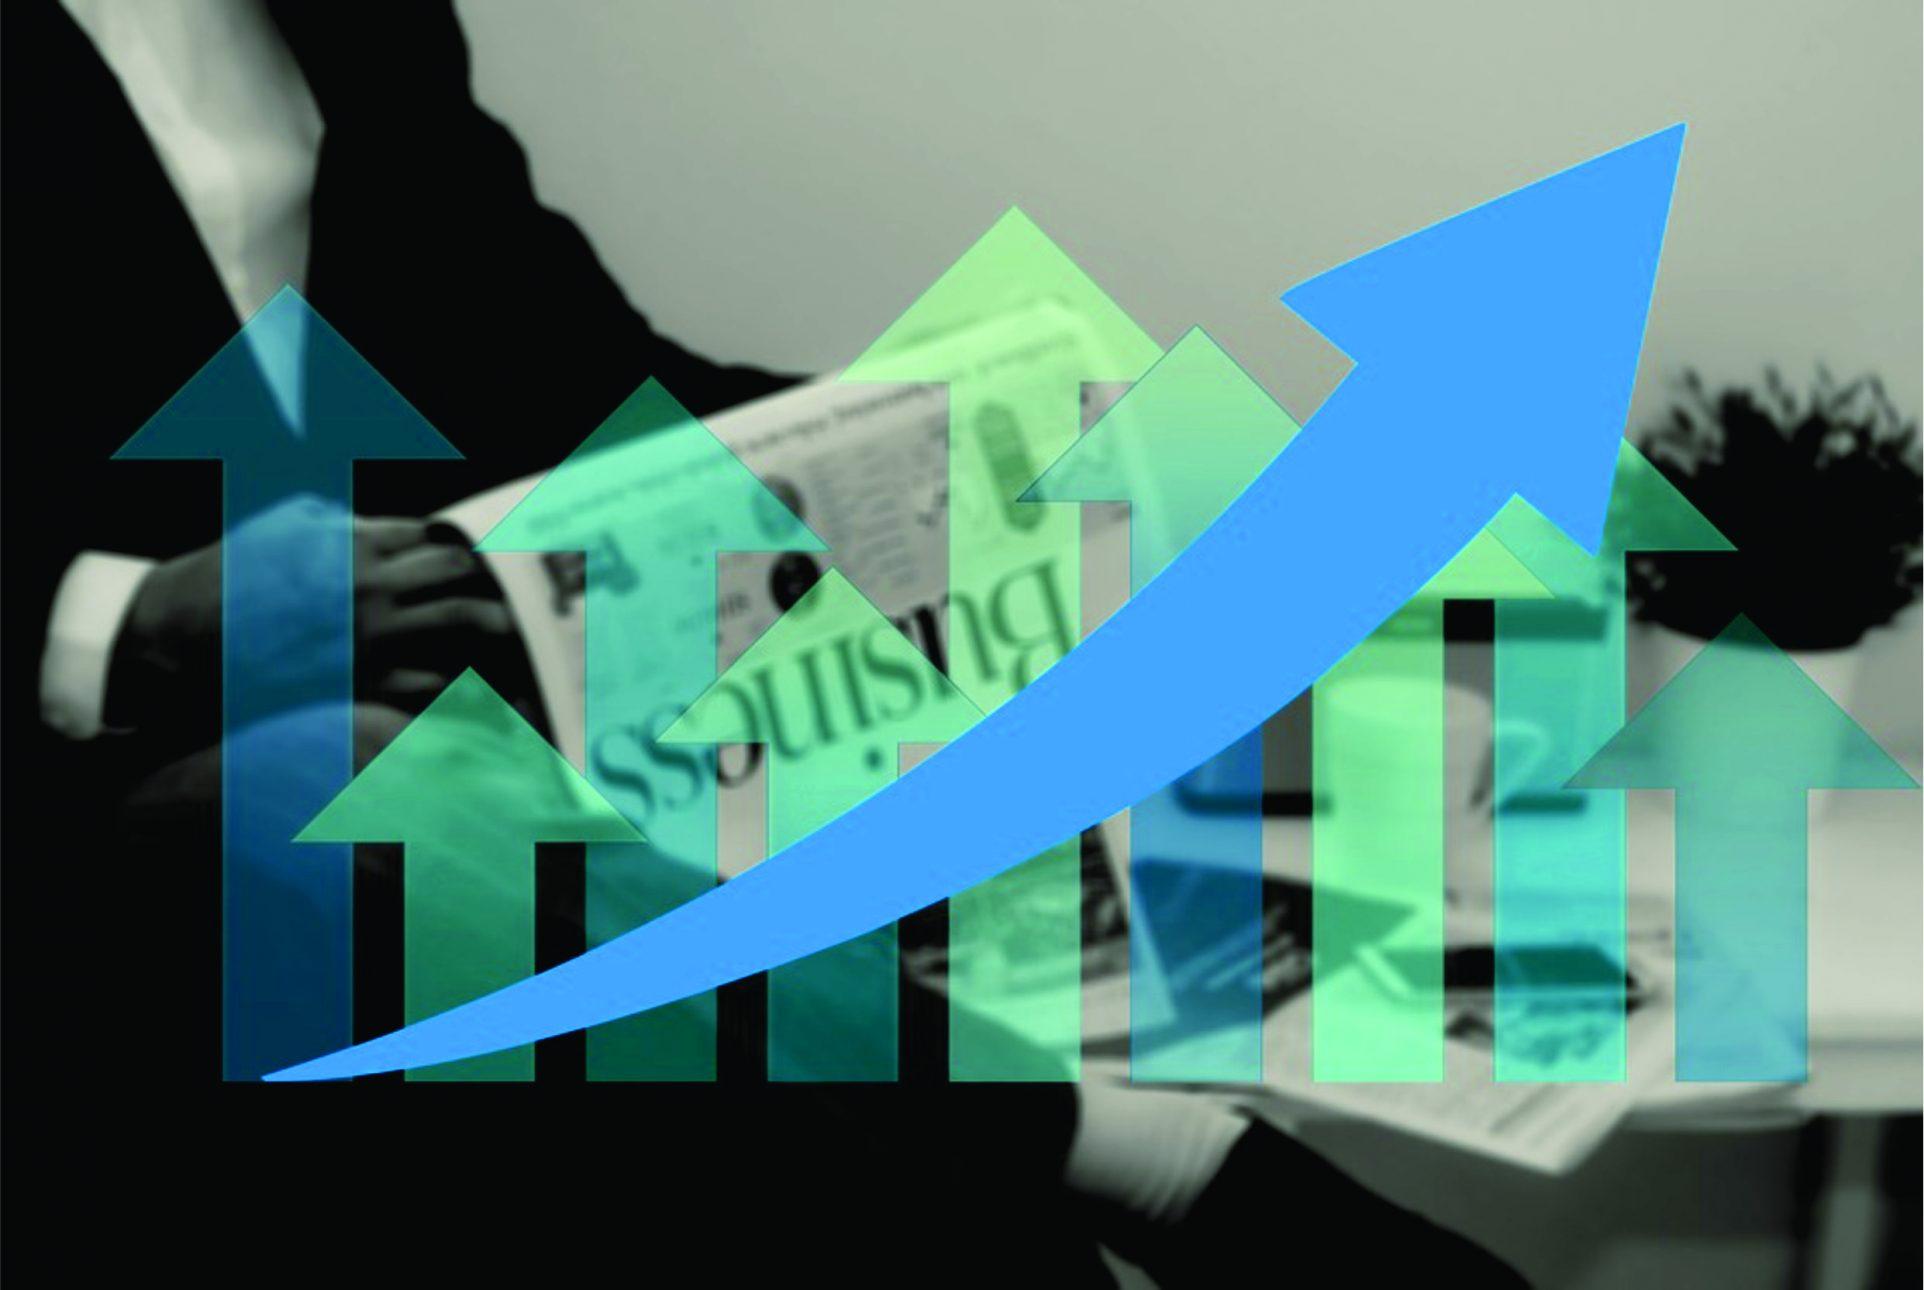 Susep divulga Síntese Mensal com dados do setor em junho